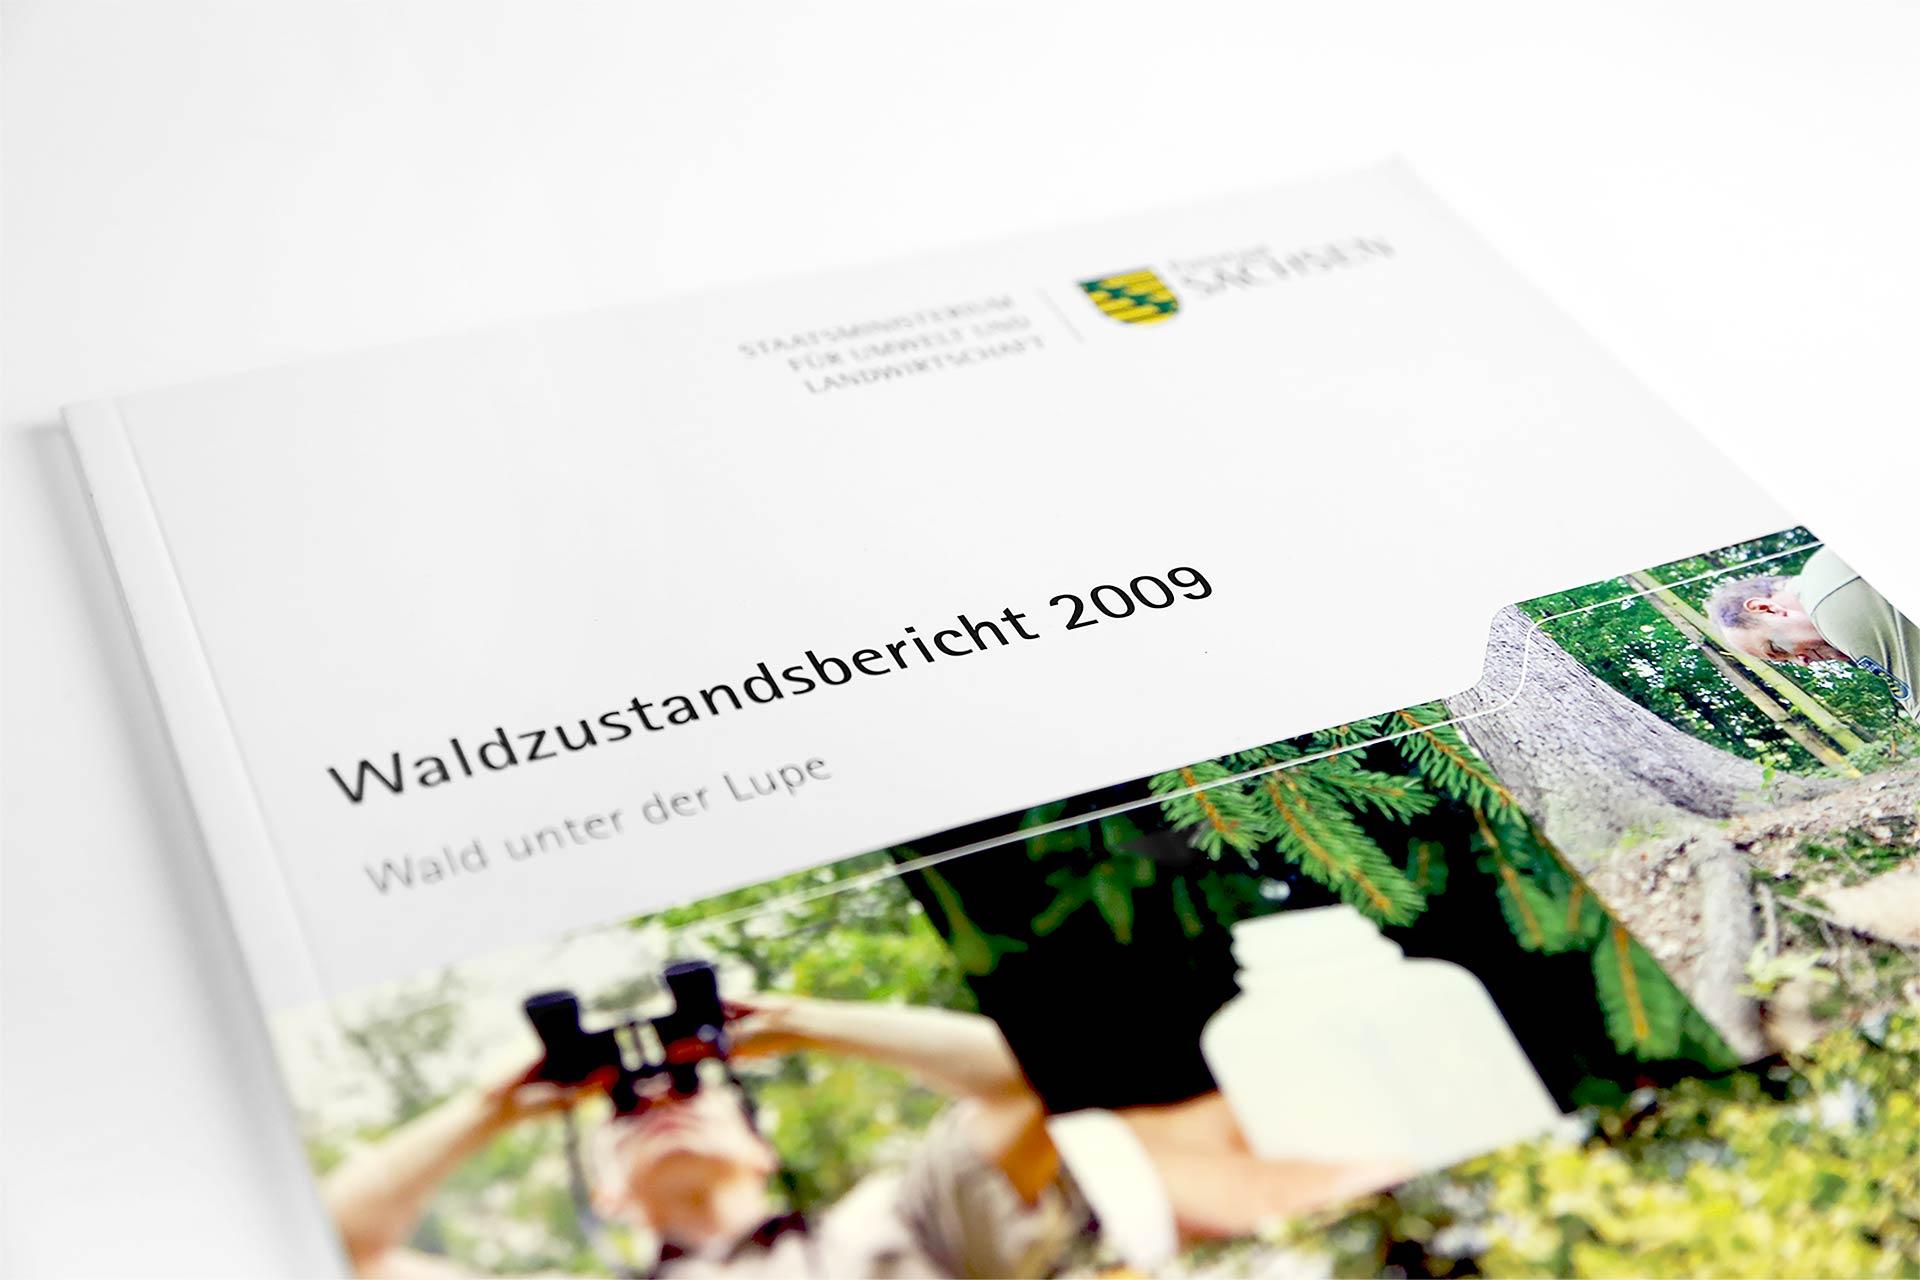 Waldzustandsbericht 2009